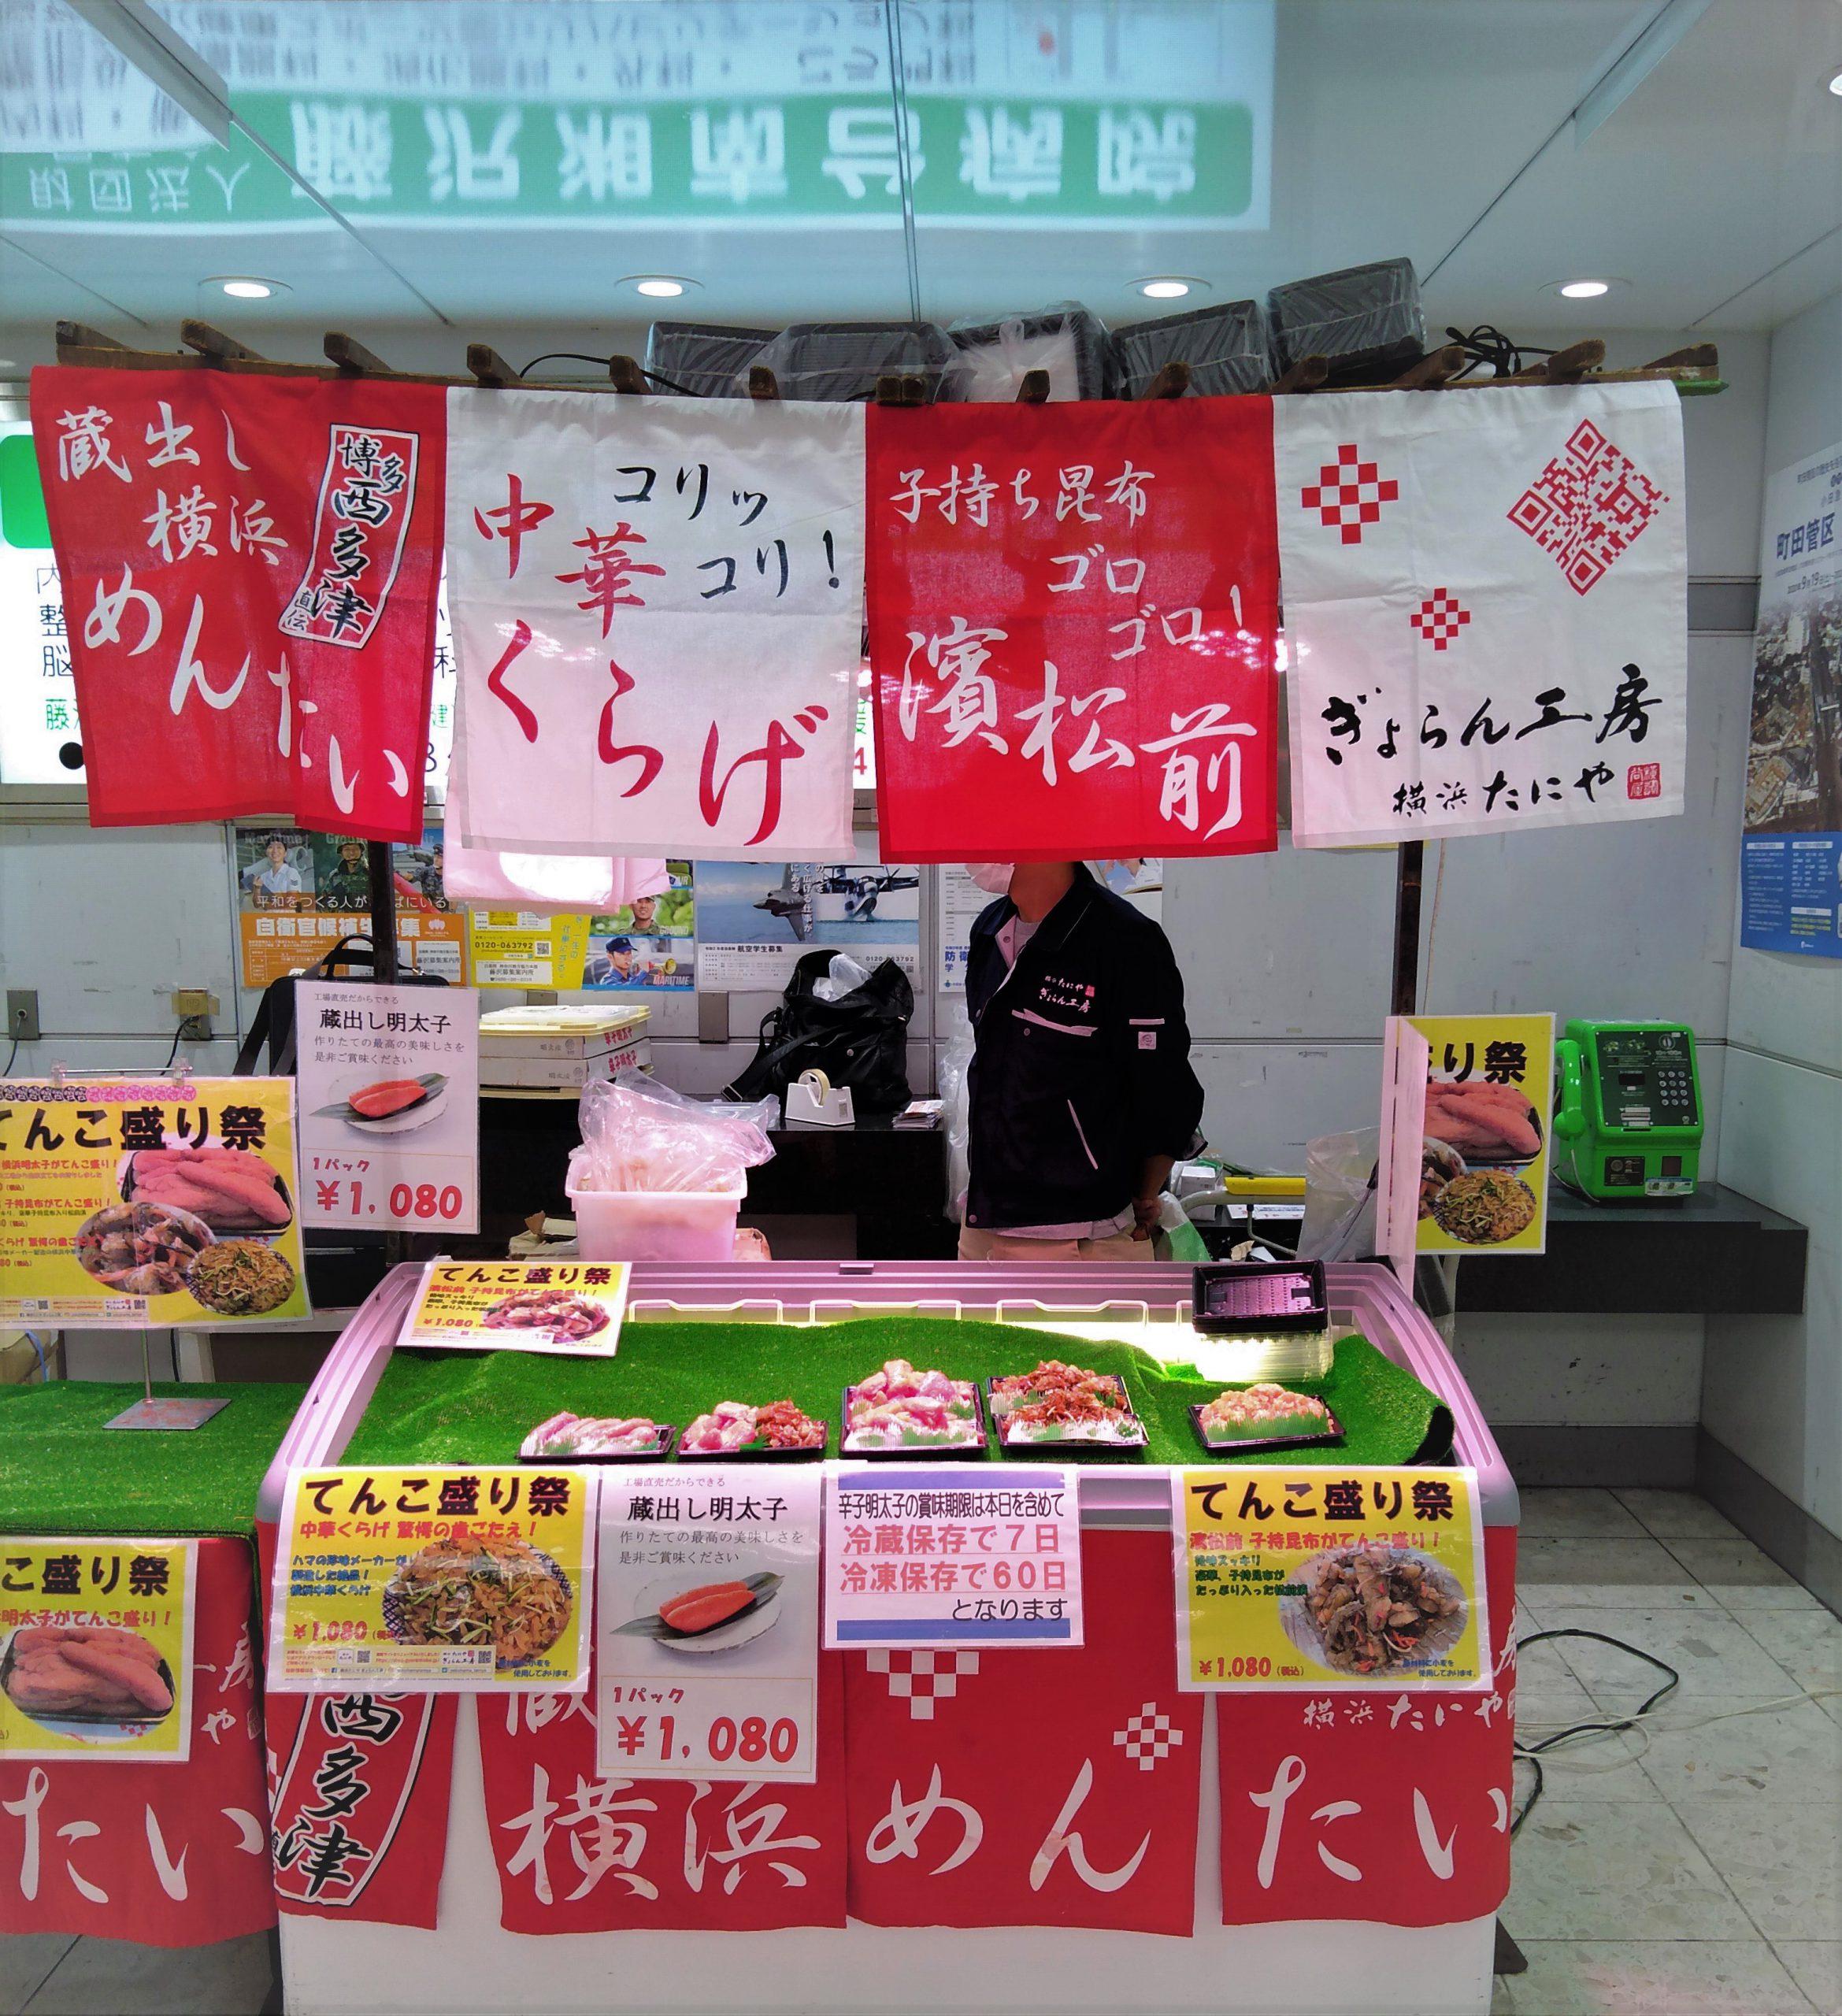 https://shop.gyorankobo.jp/wp-content/uploads/2020/10/ツイッター資料_催事小田急線湘南台駅③-1-scaled.jpg